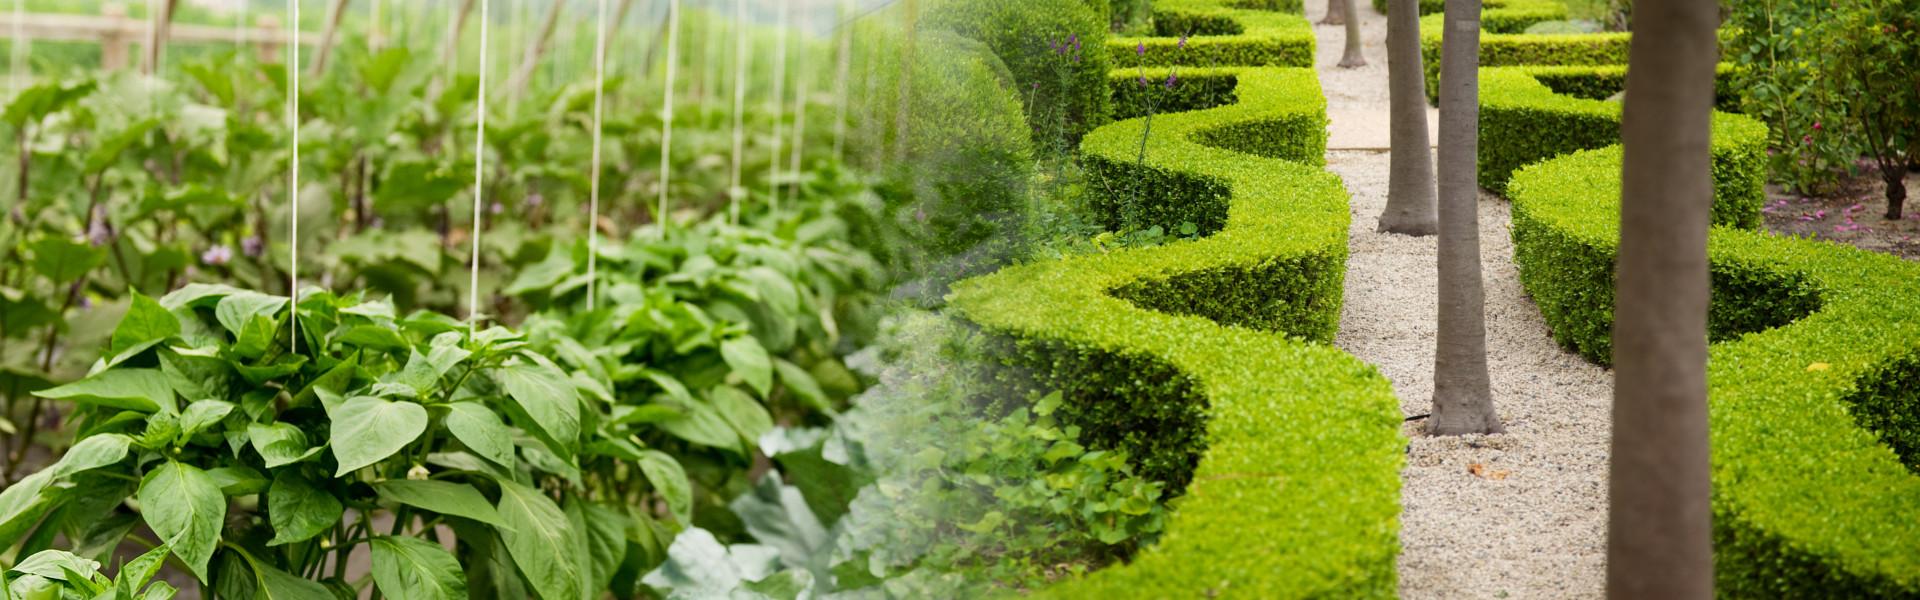 studio progettazione parchi e verde urbano